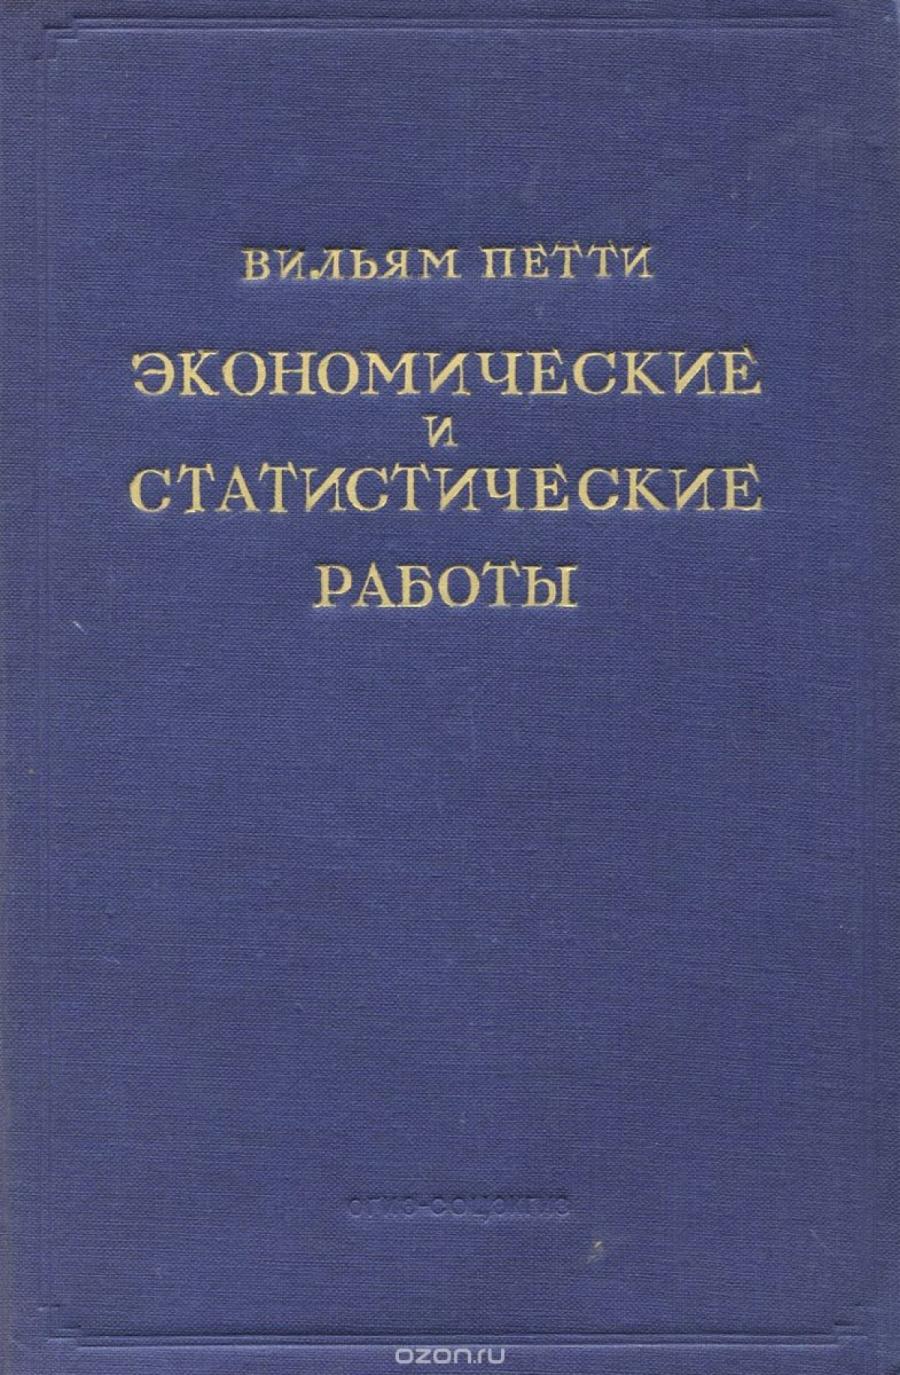 Обложка книги:  в.петти - экономические и статистические работы